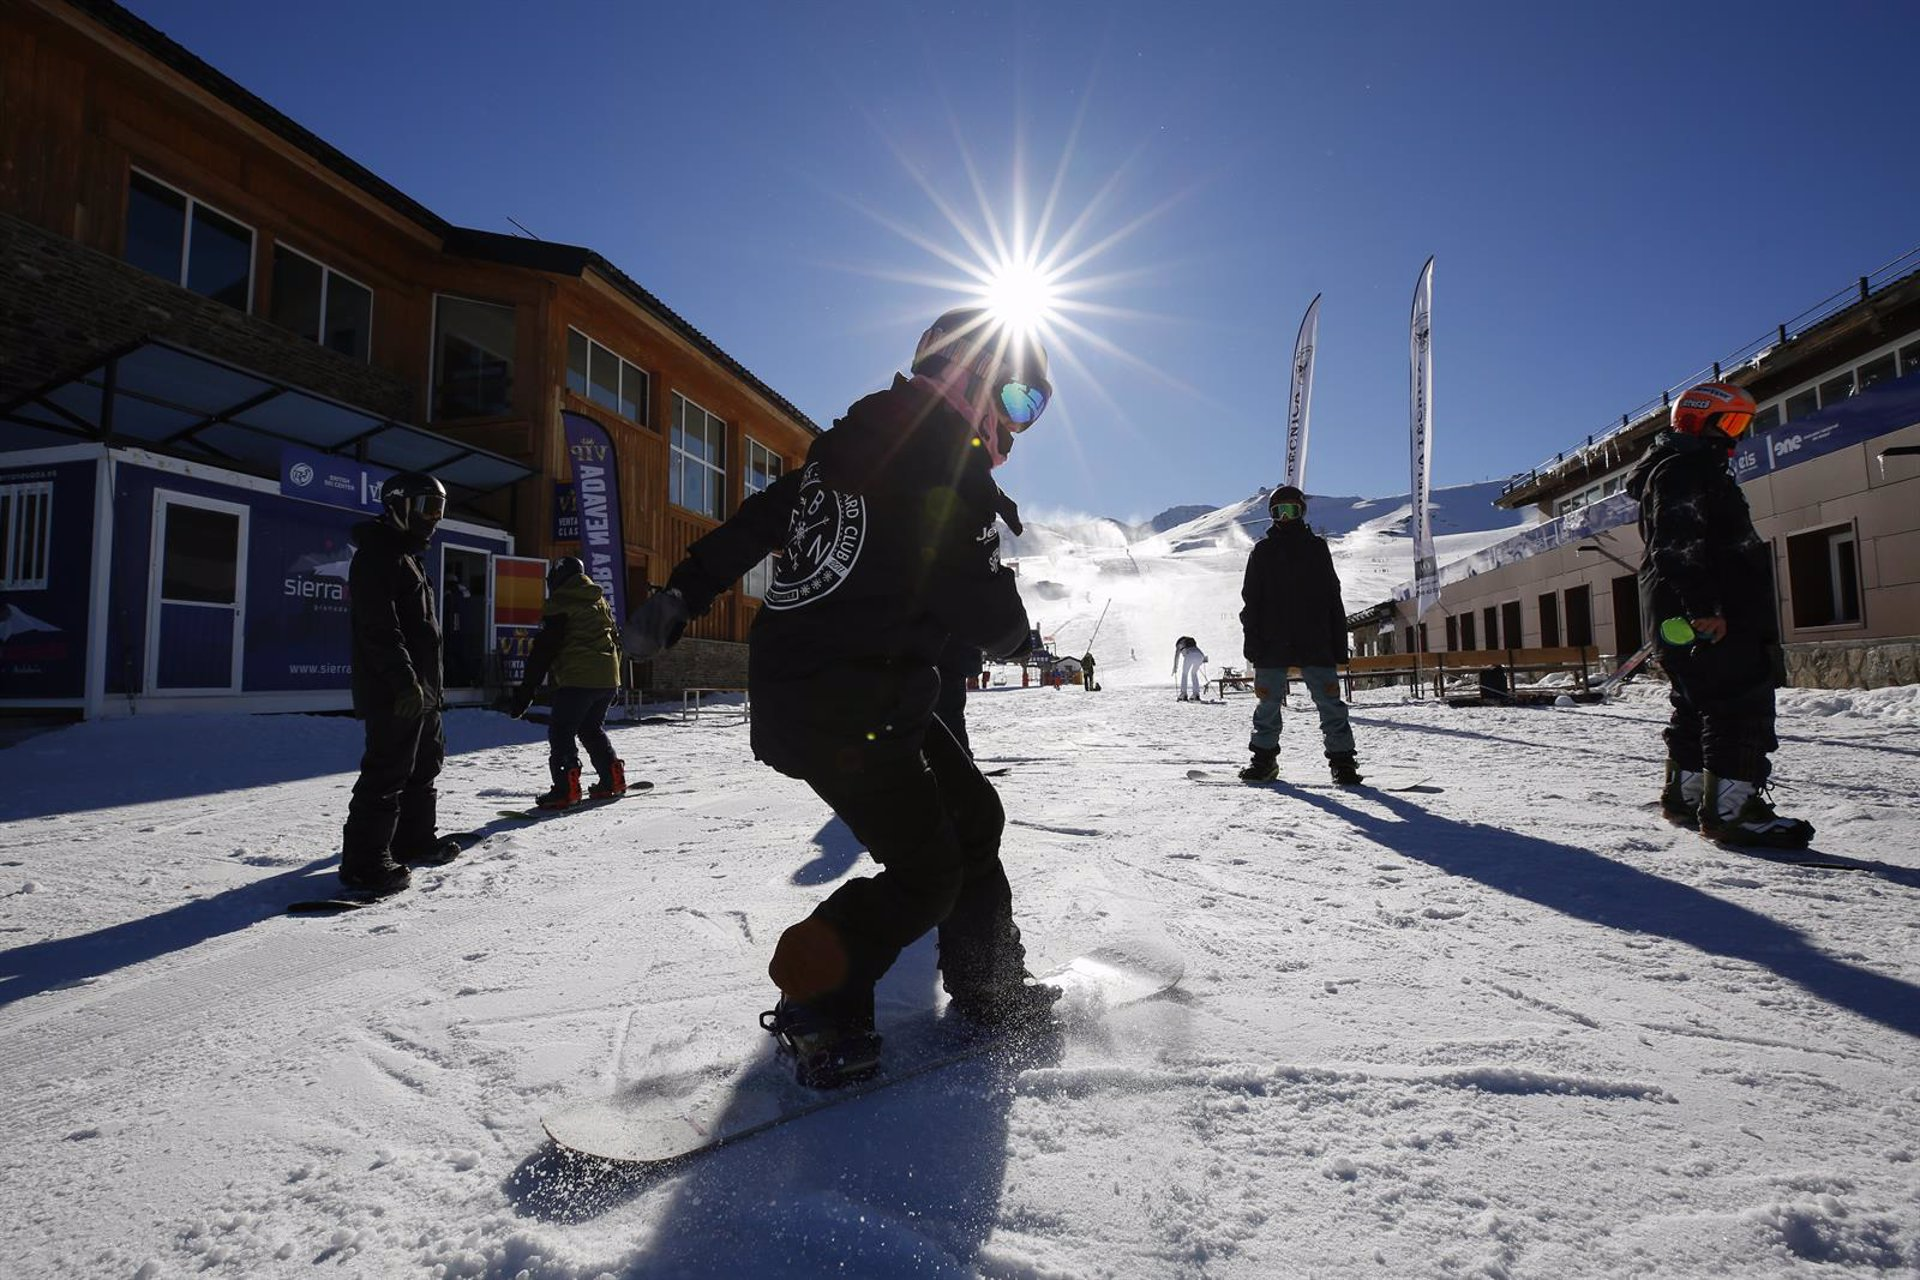 Sierra Nevada reduce desde el lunes su oferta a 20 kilómetros esquiables y presenta un ERTE